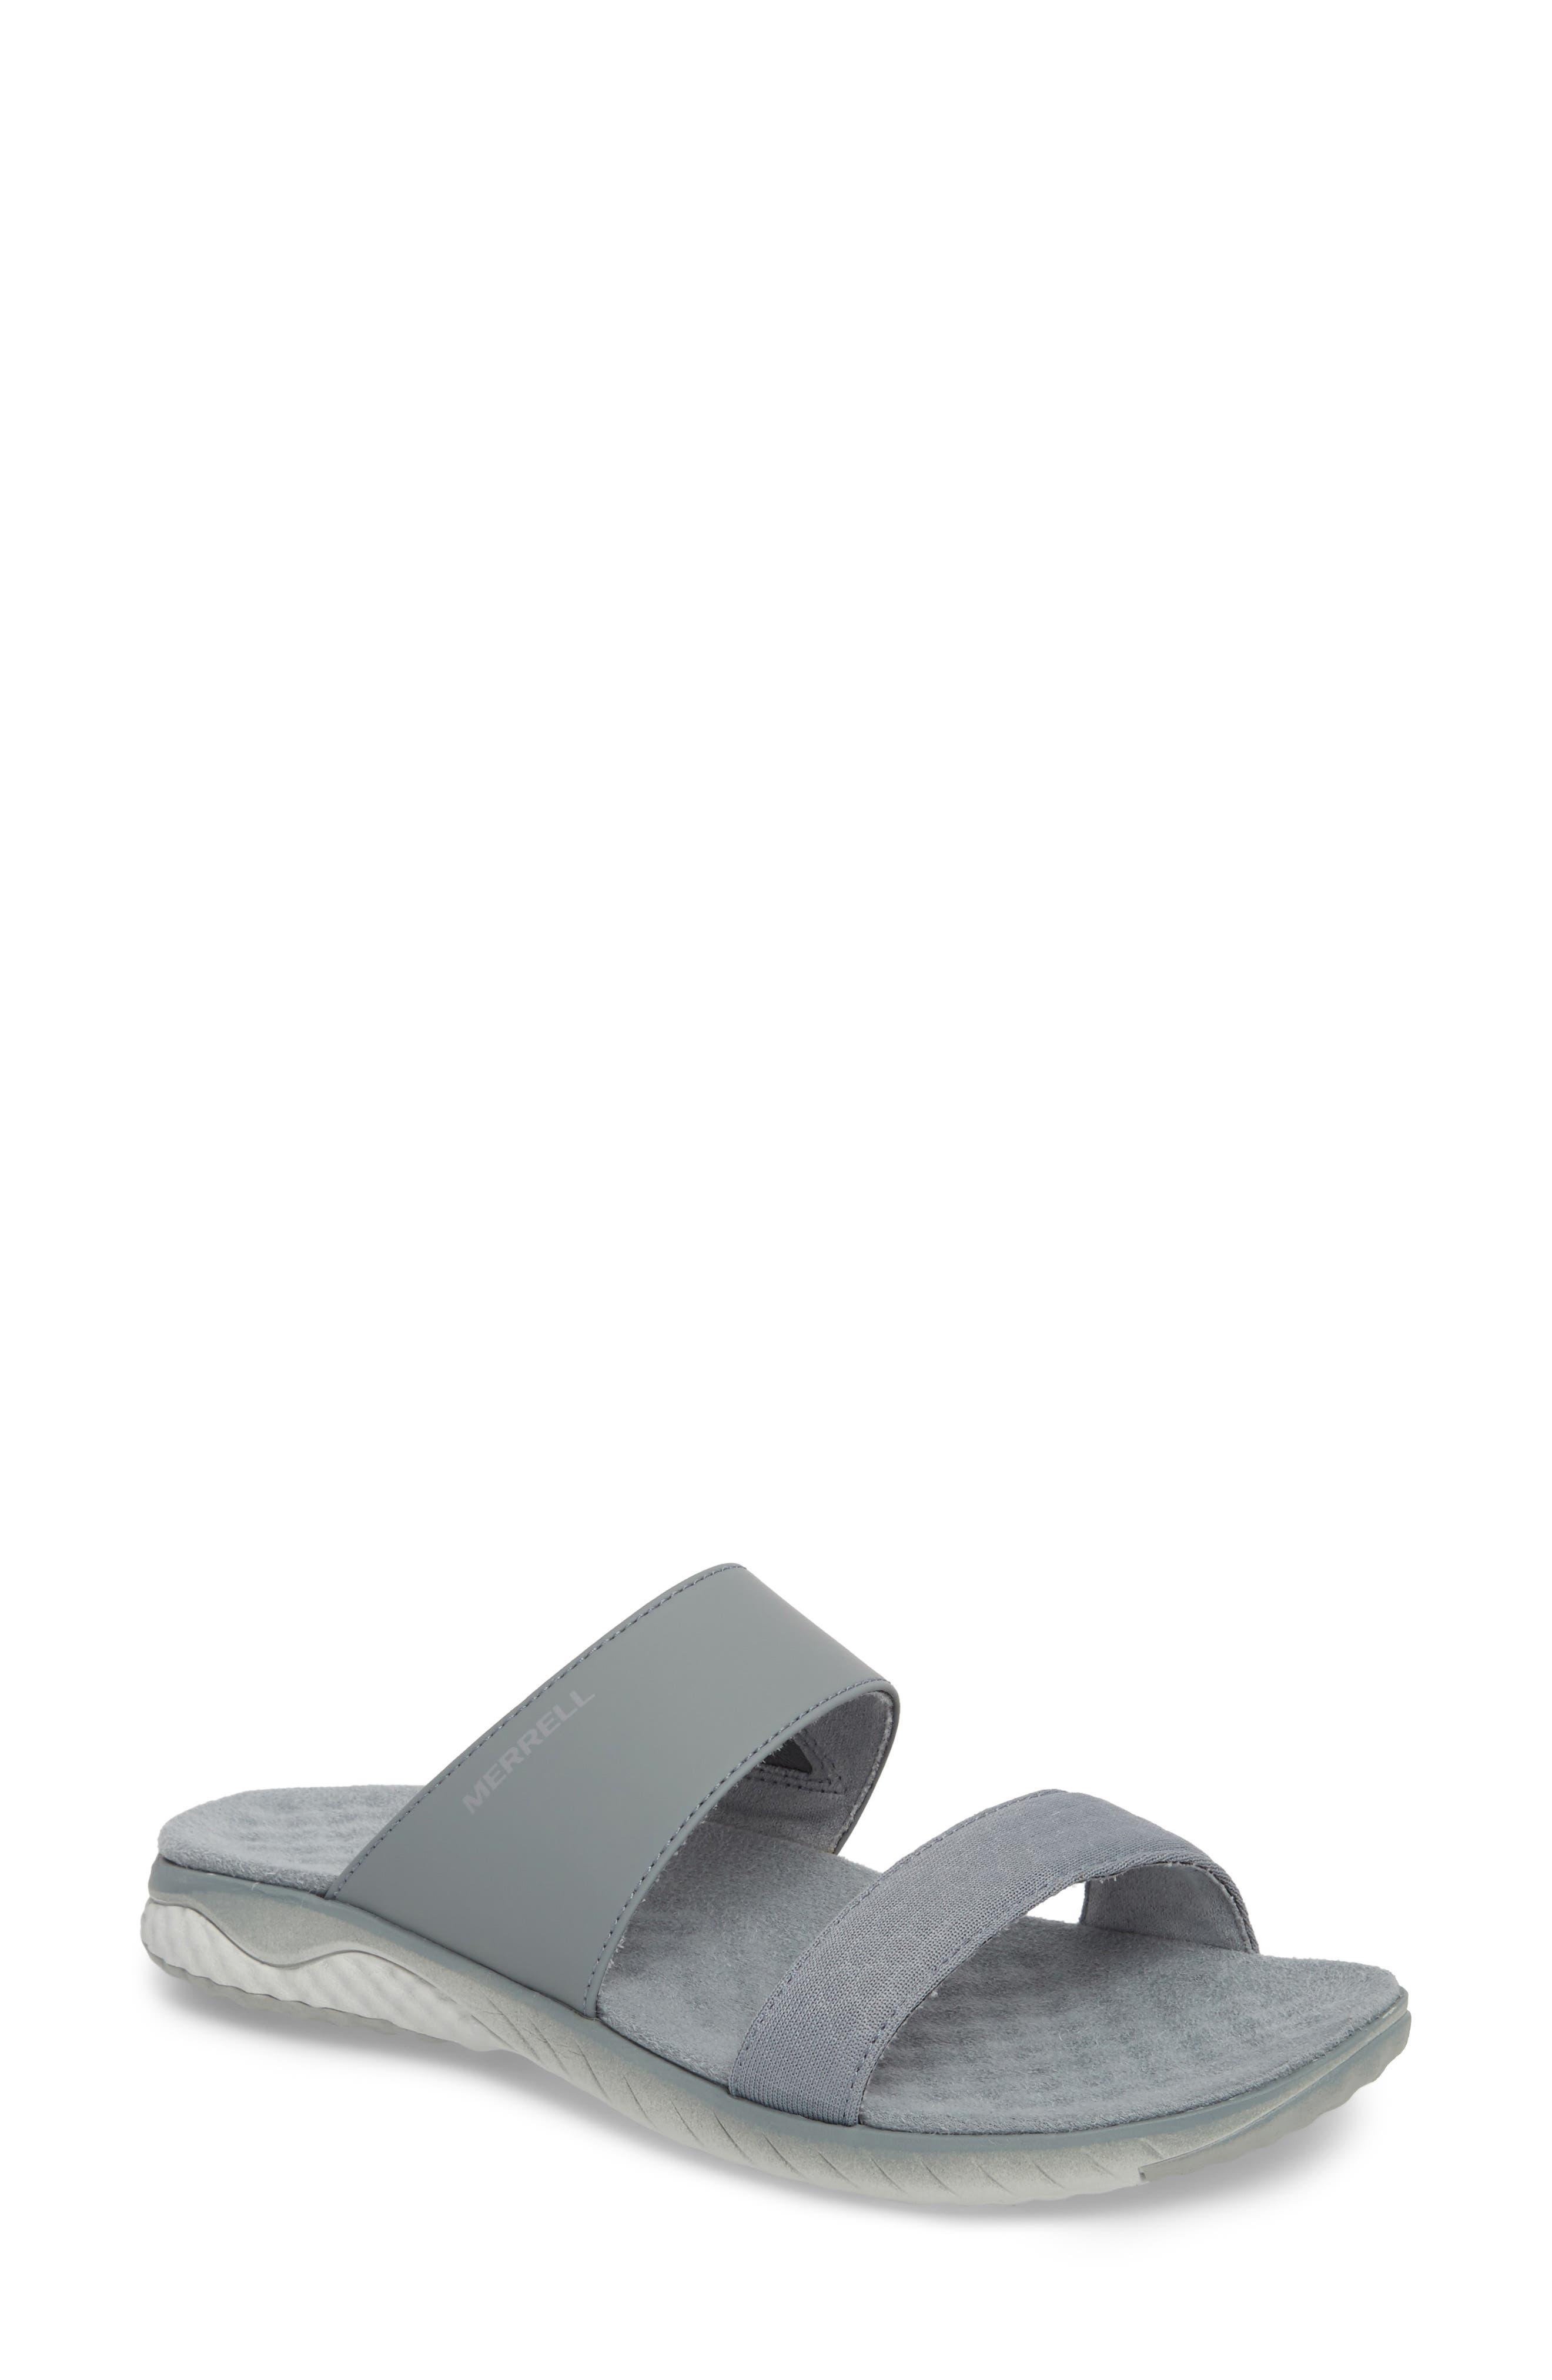 1SIX8 Linna Air Cushion+ Slide Sandal,                             Main thumbnail 2, color,